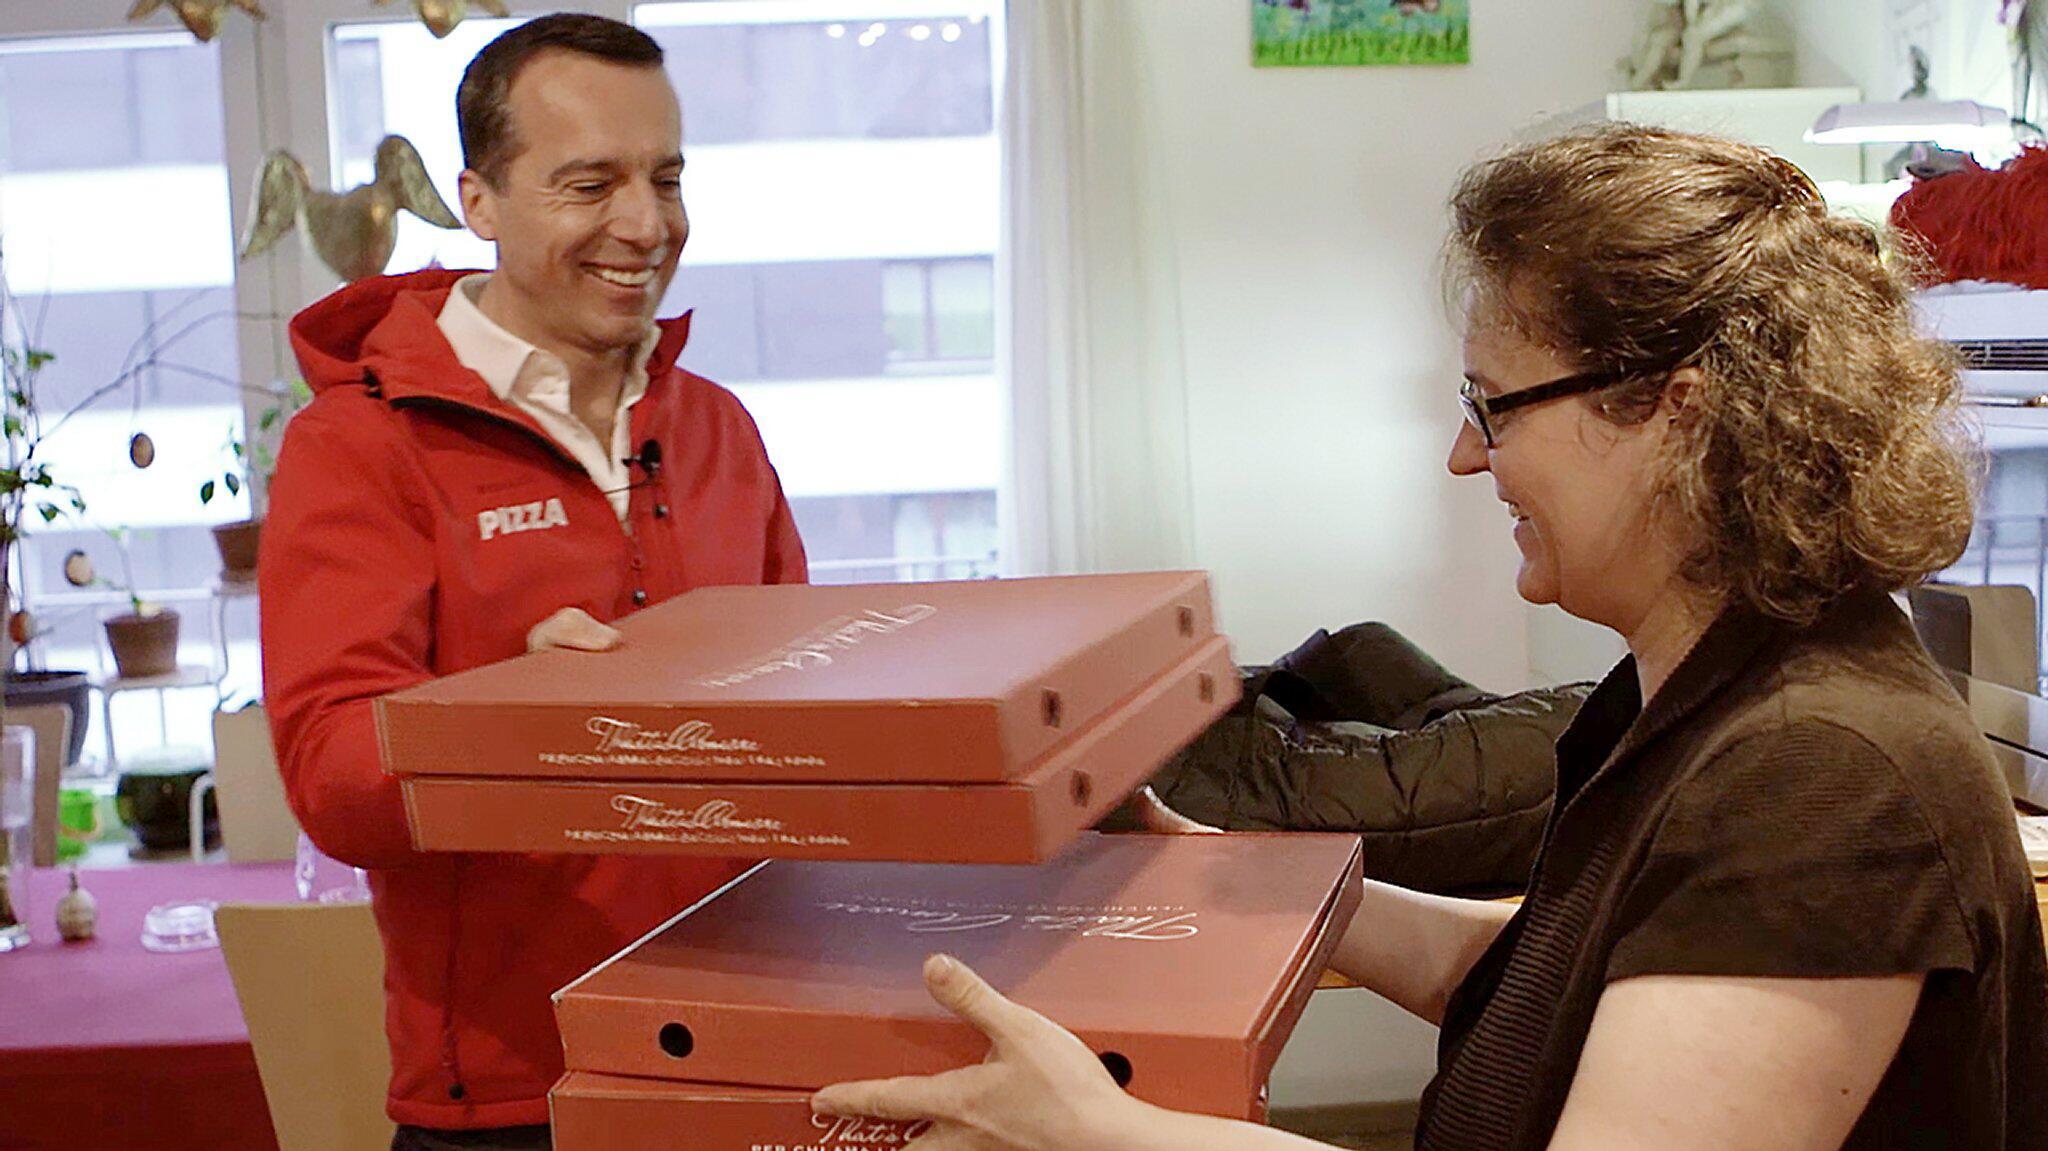 Bild zu Österreichs Bundeskanzler Kern als Pizzabote